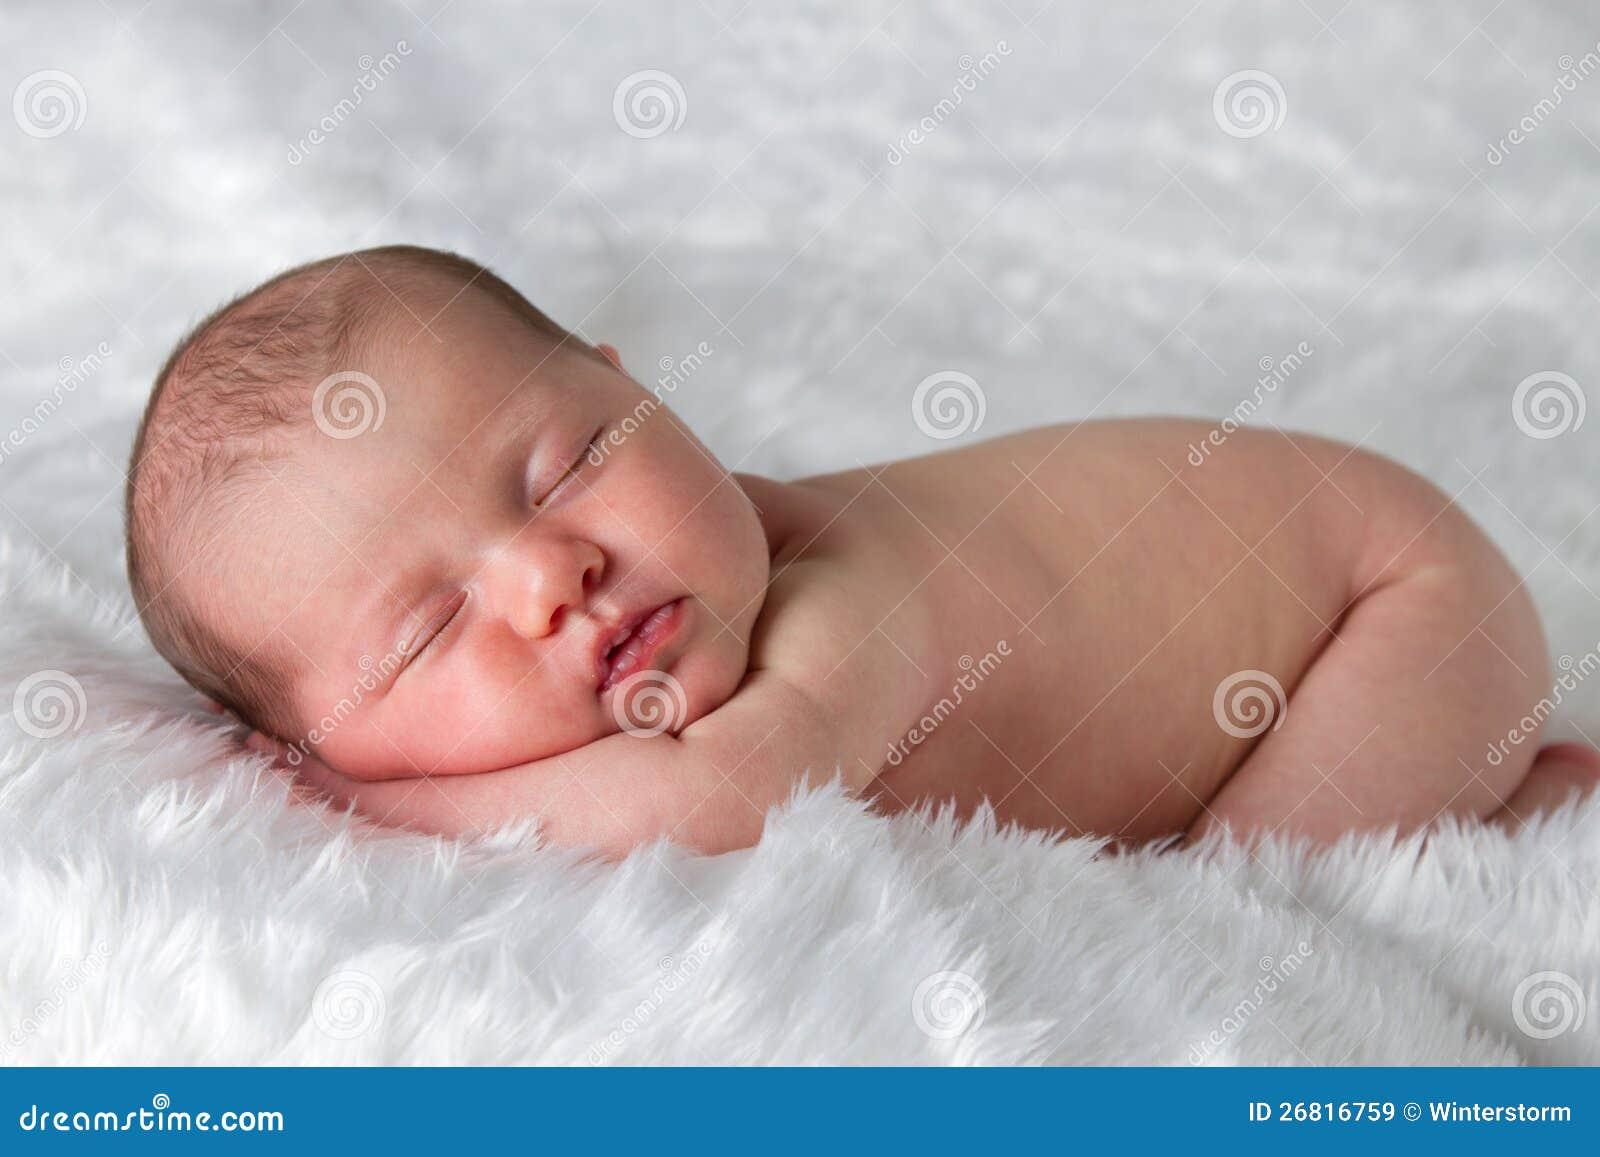 Slaap pasgeboren baby royalty vrije stock afbeeldingen beeld 26816759 - Fotos van de bebe garcon ...